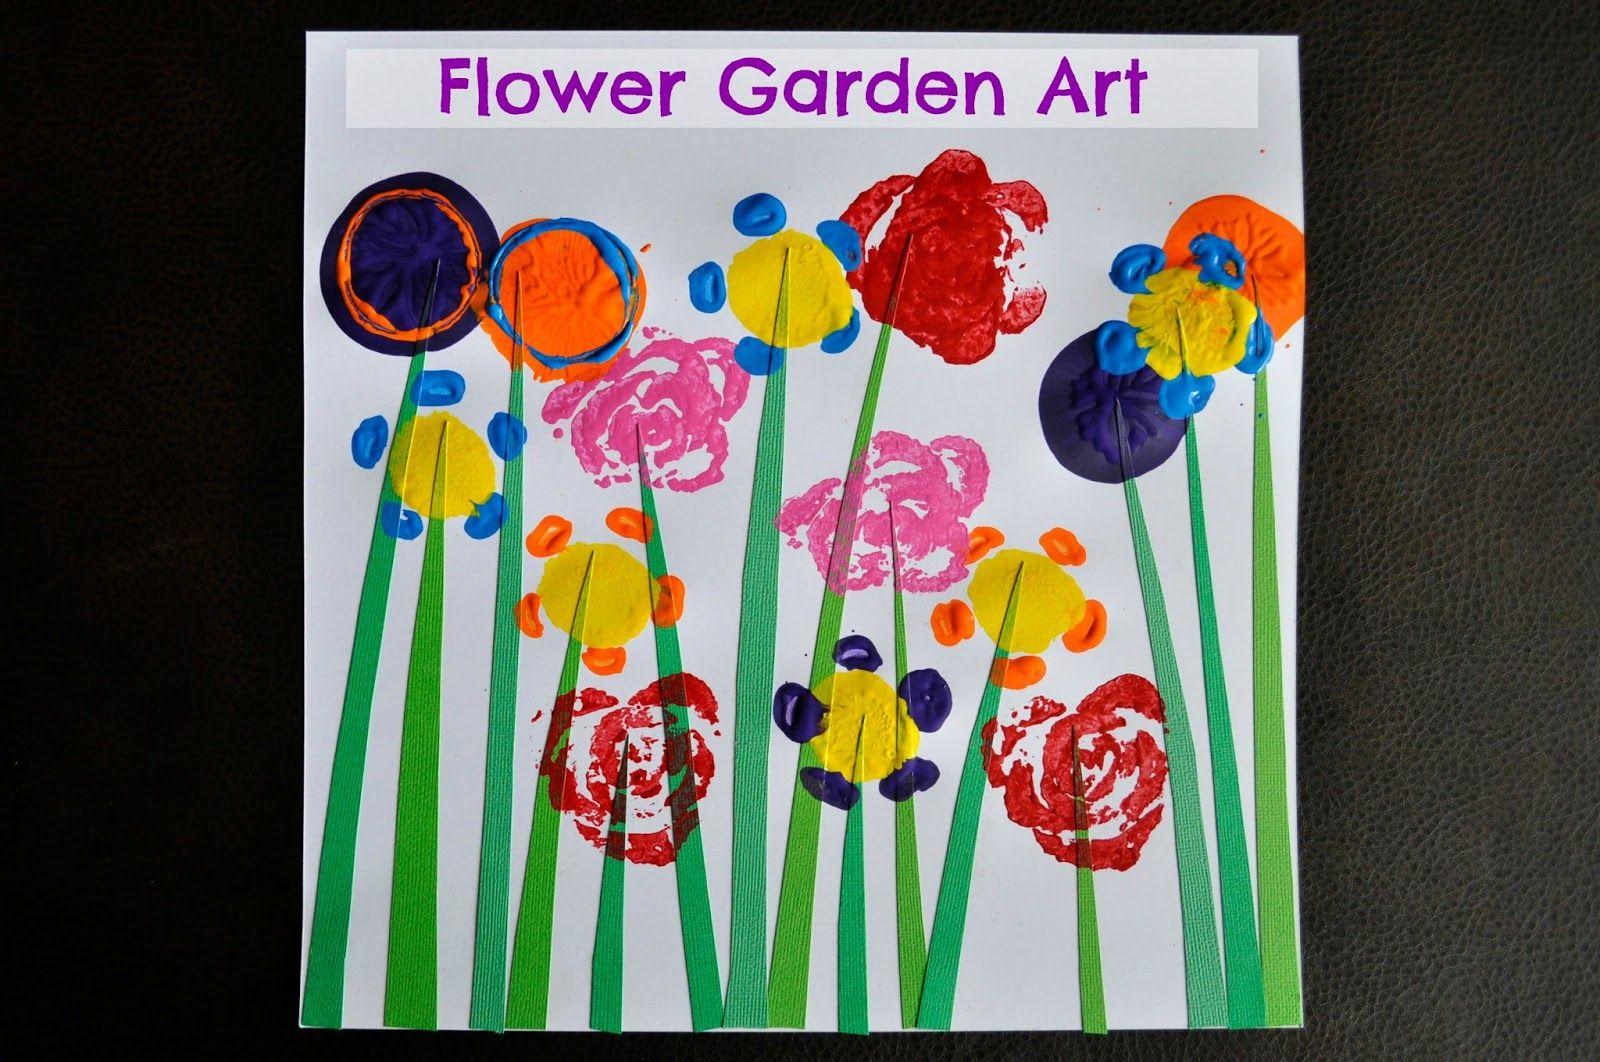 Flower garden art garden art crafts preschool garden